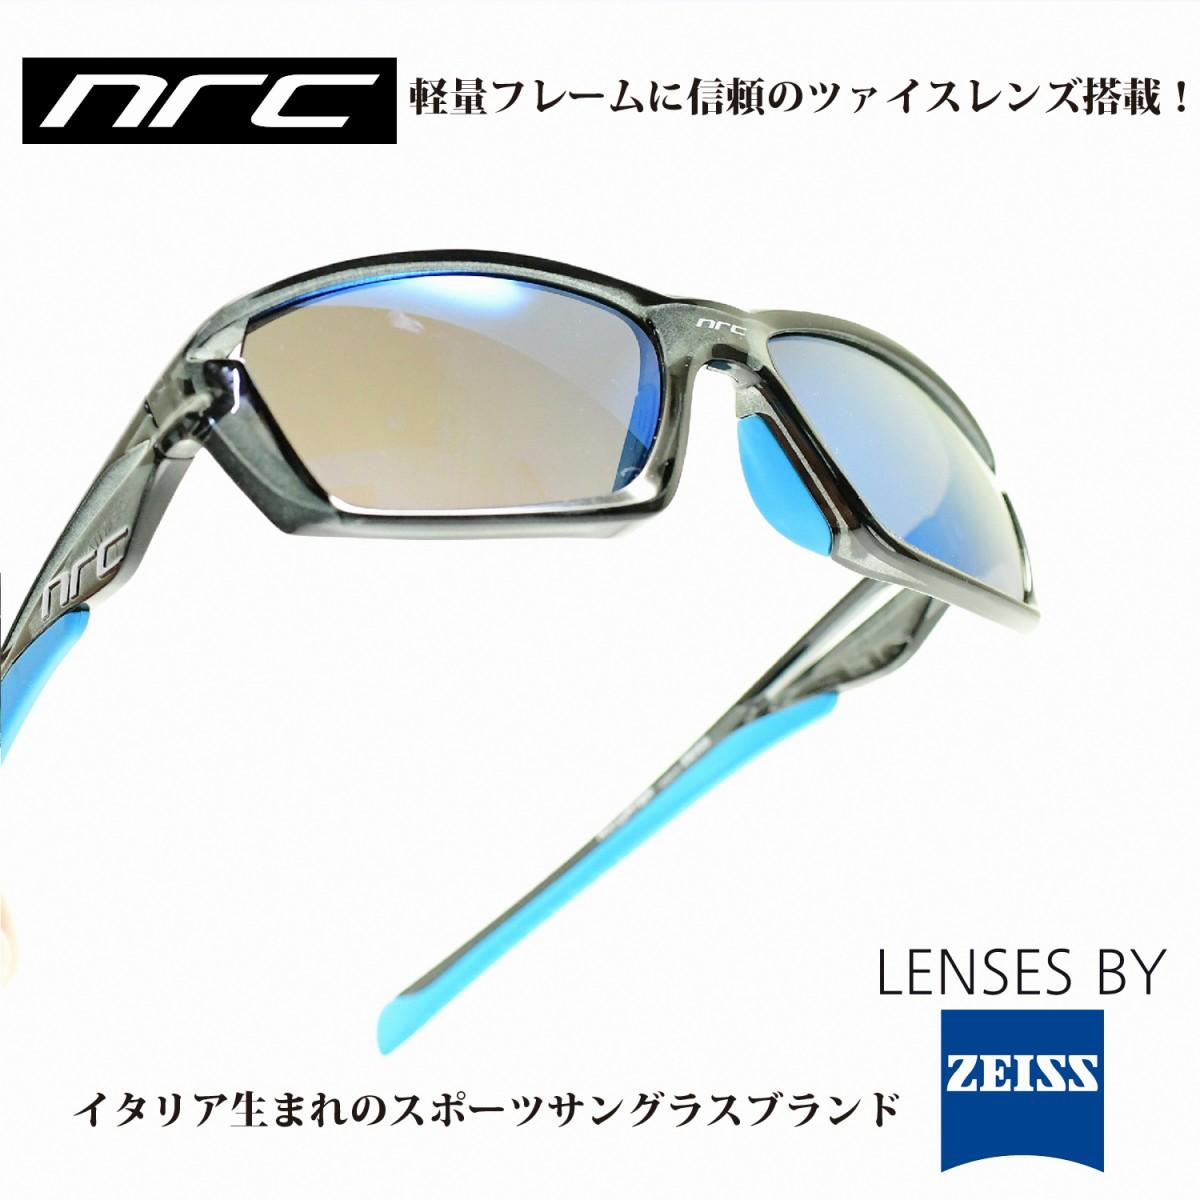 nrc エヌアールシーRX1 WATERメガネ 眼鏡 めがね メンズ レディース おしゃれ ブランド人気 おすすめ フレーム 流行り 度付き レンズ サングラス スポーツ